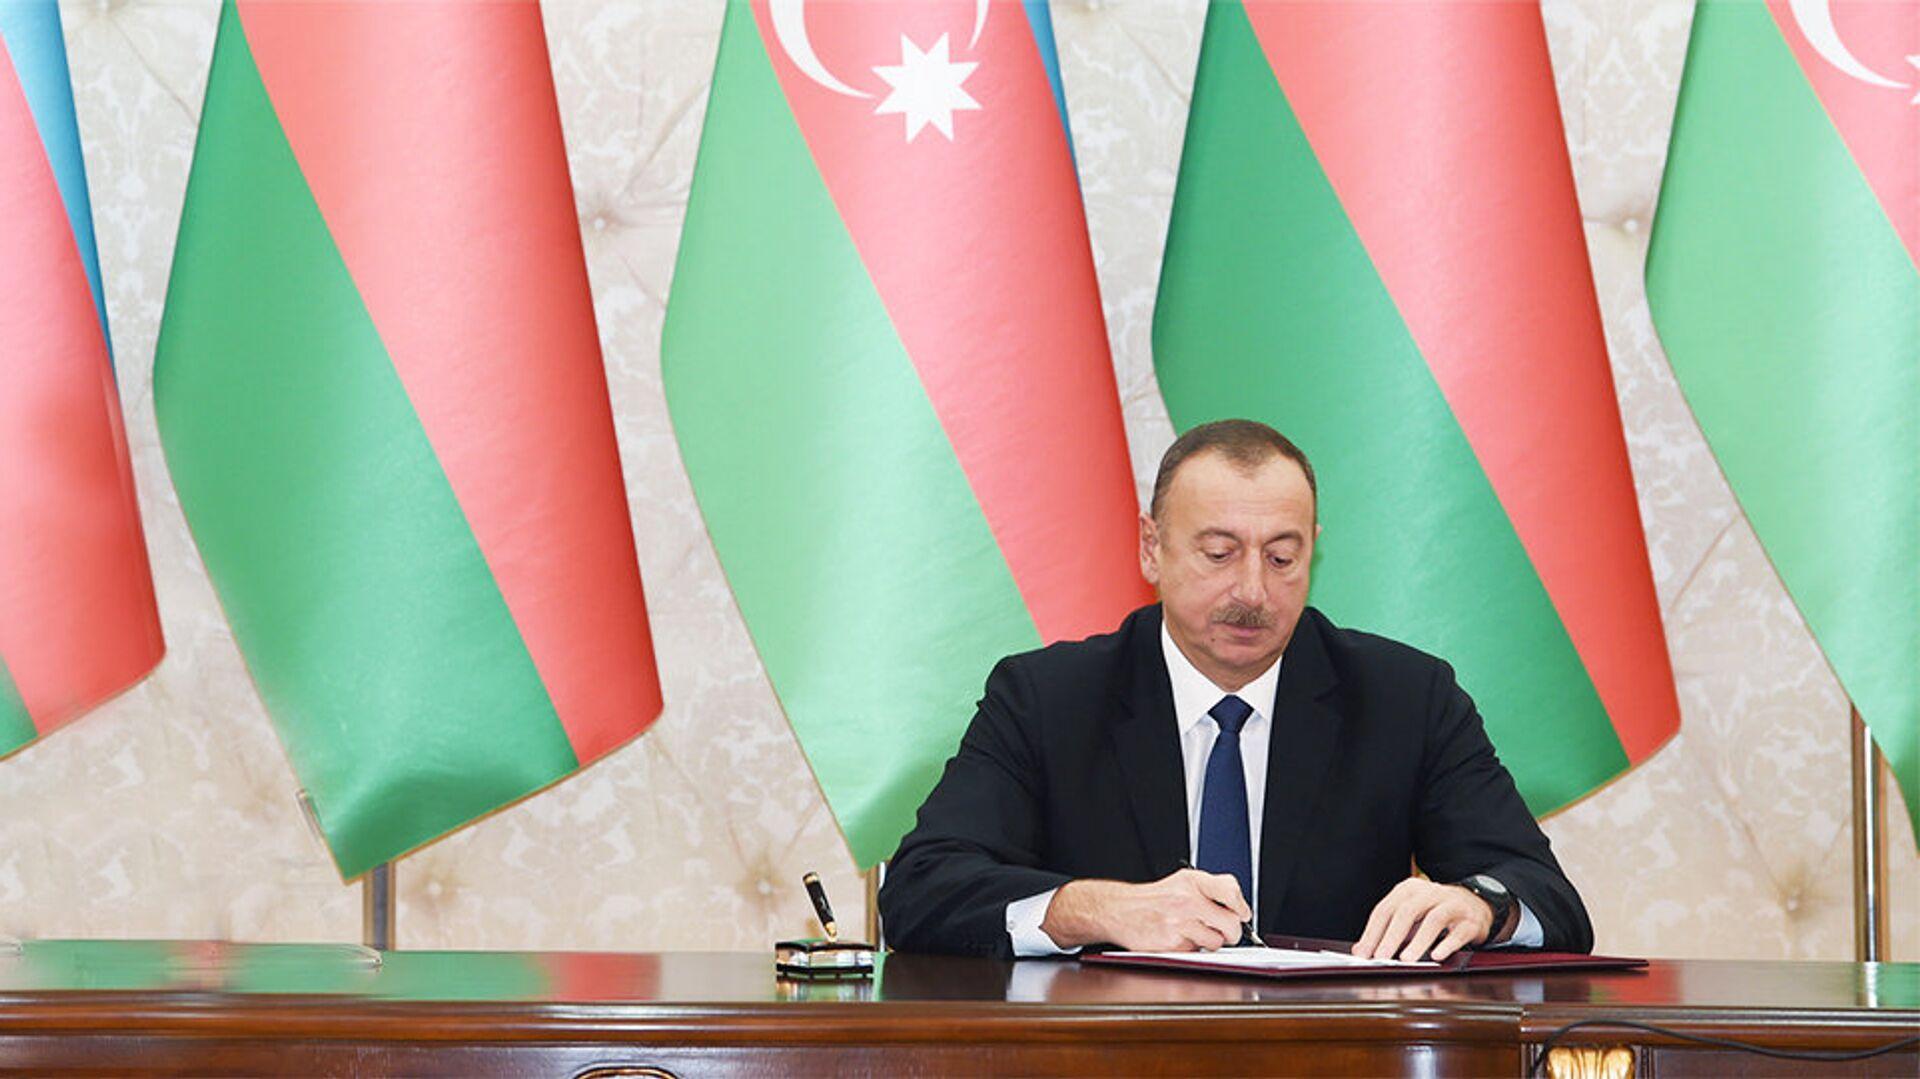 Президент Азербайджана Ильхам Алиев, фото из архива - Sputnik Азербайджан, 1920, 07.08.2021